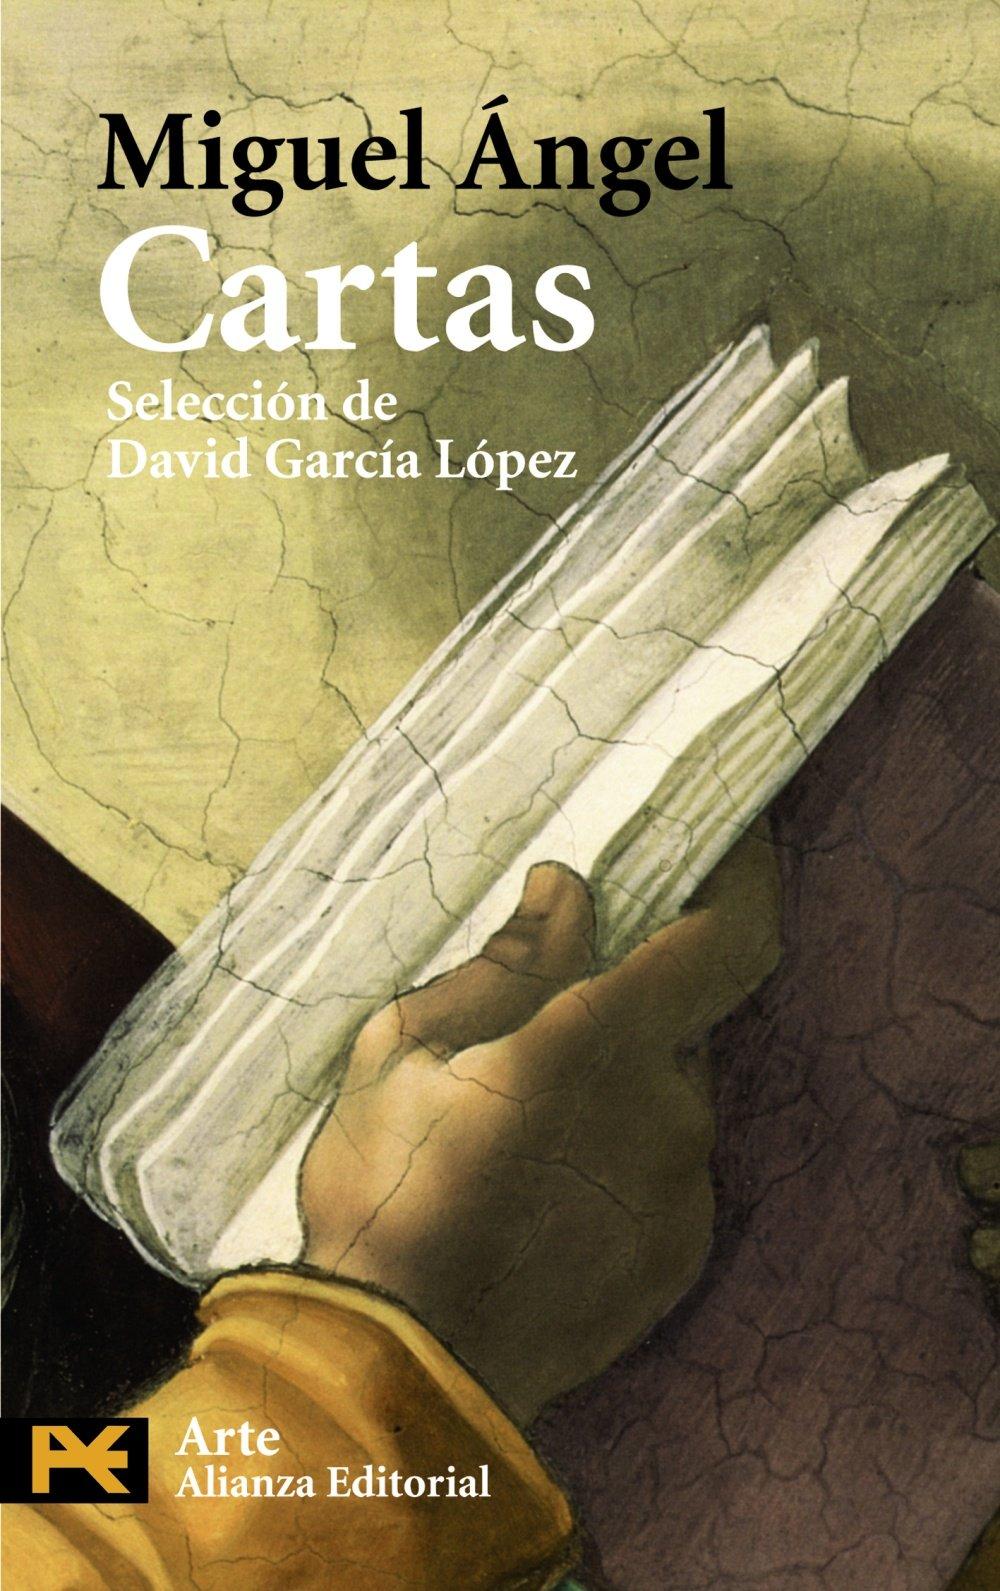 Cartas (El Libro De Bolsillo - Humanidades) Libro de bolsillo – 19 may 2008 Miguel Ángel Buonarroti David García López Alianza 842066264X